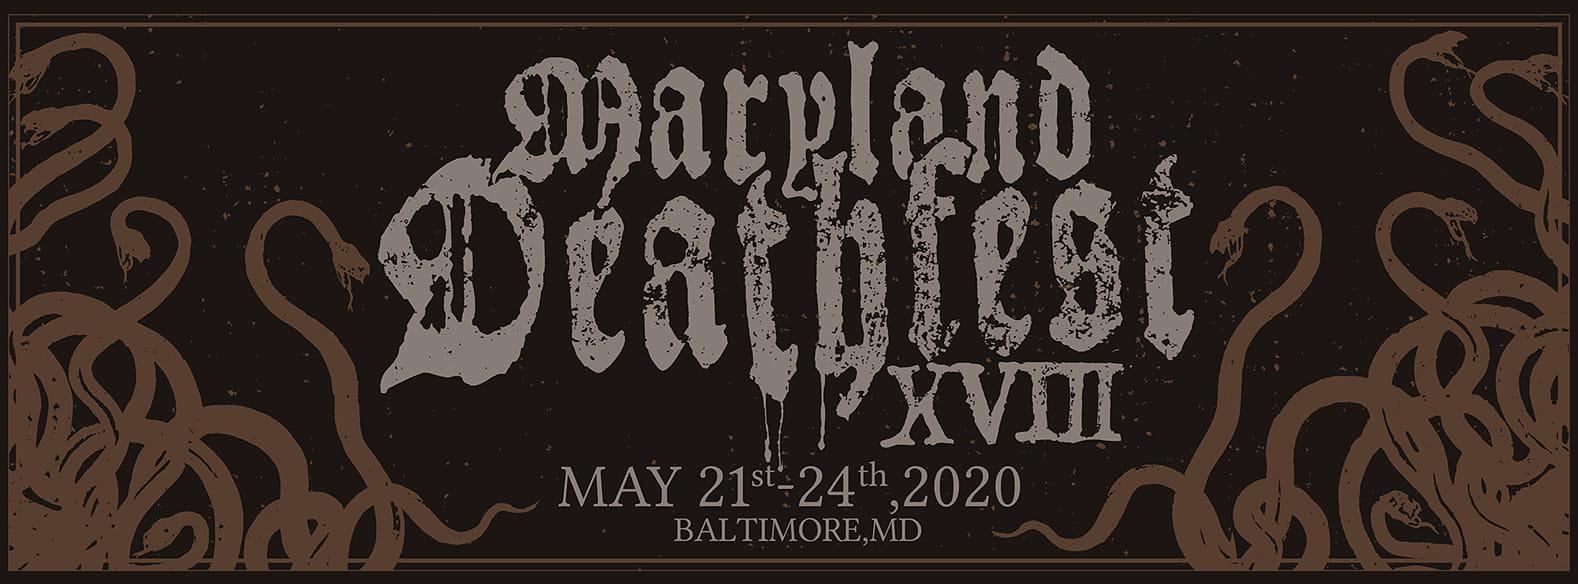 Maryland Deathfest XVIII